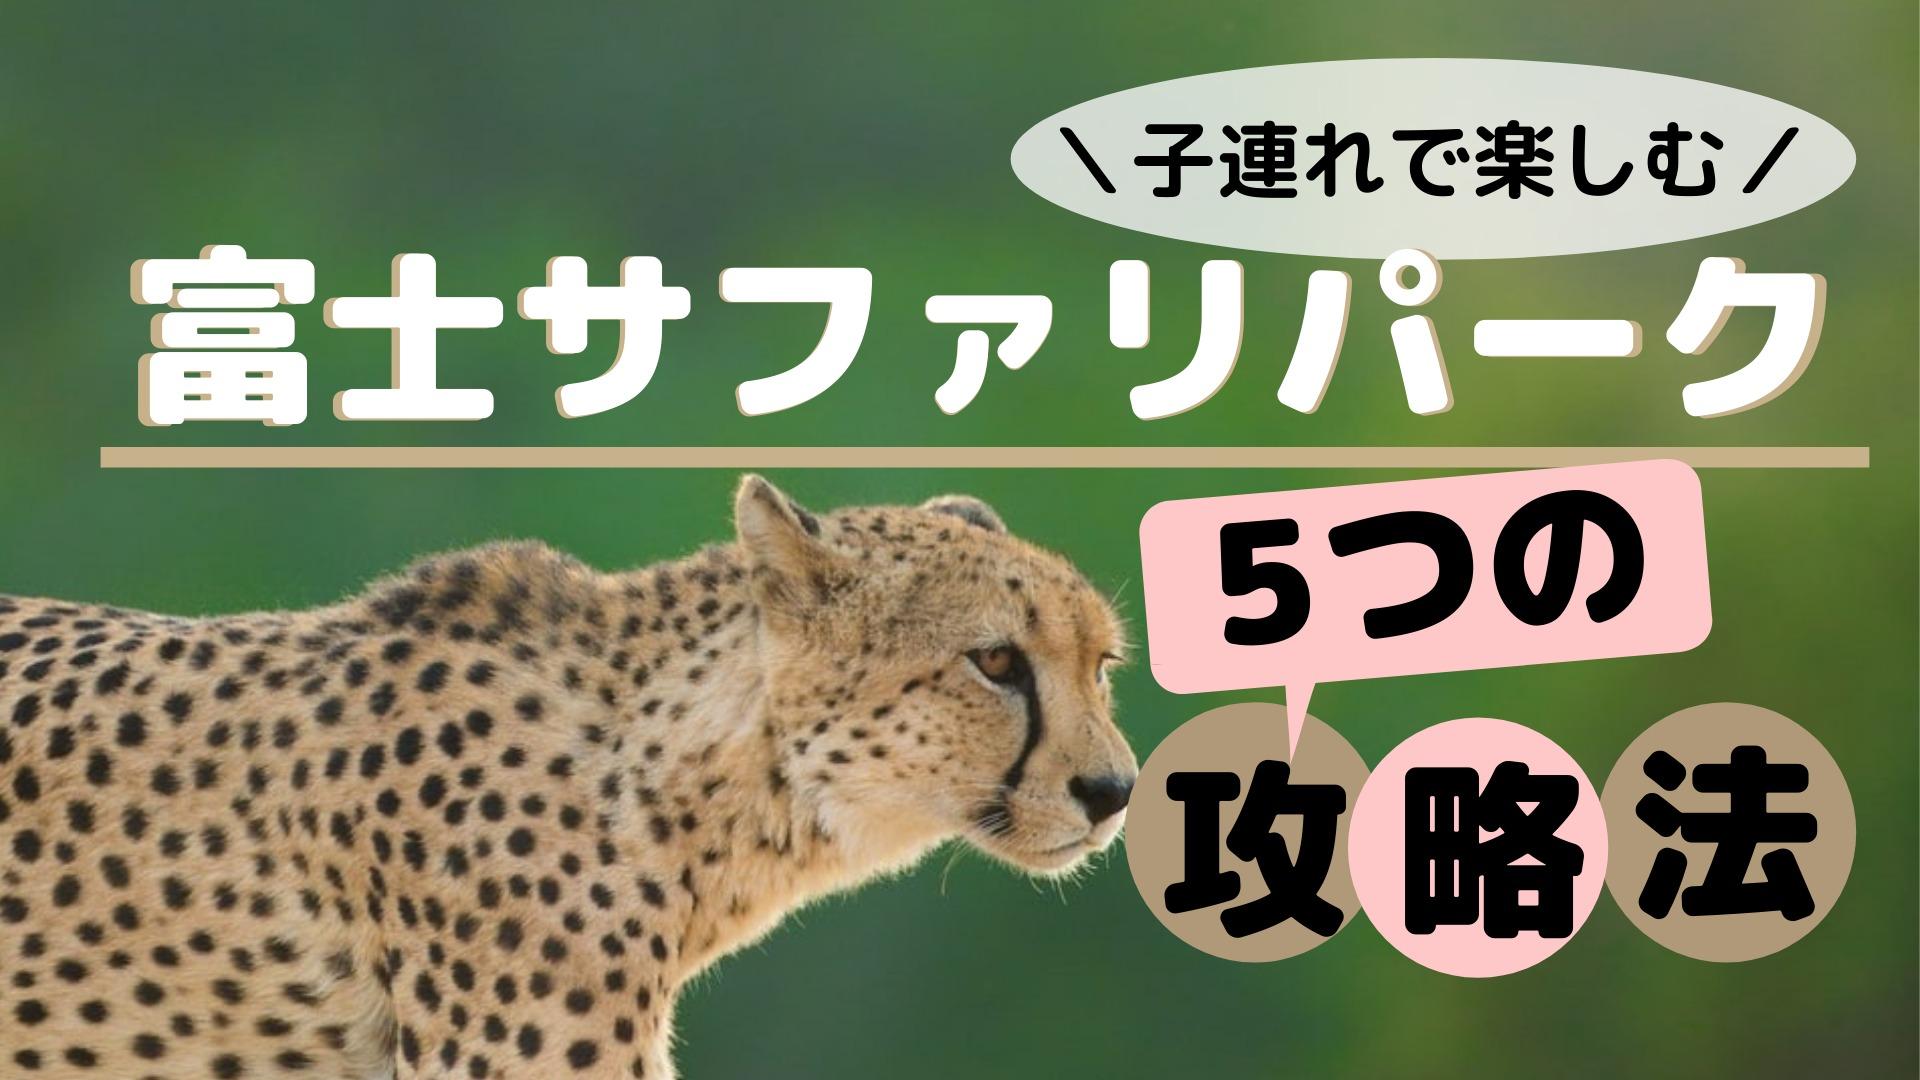 富士サファリパークを子連れで楽しむ5つの攻略法